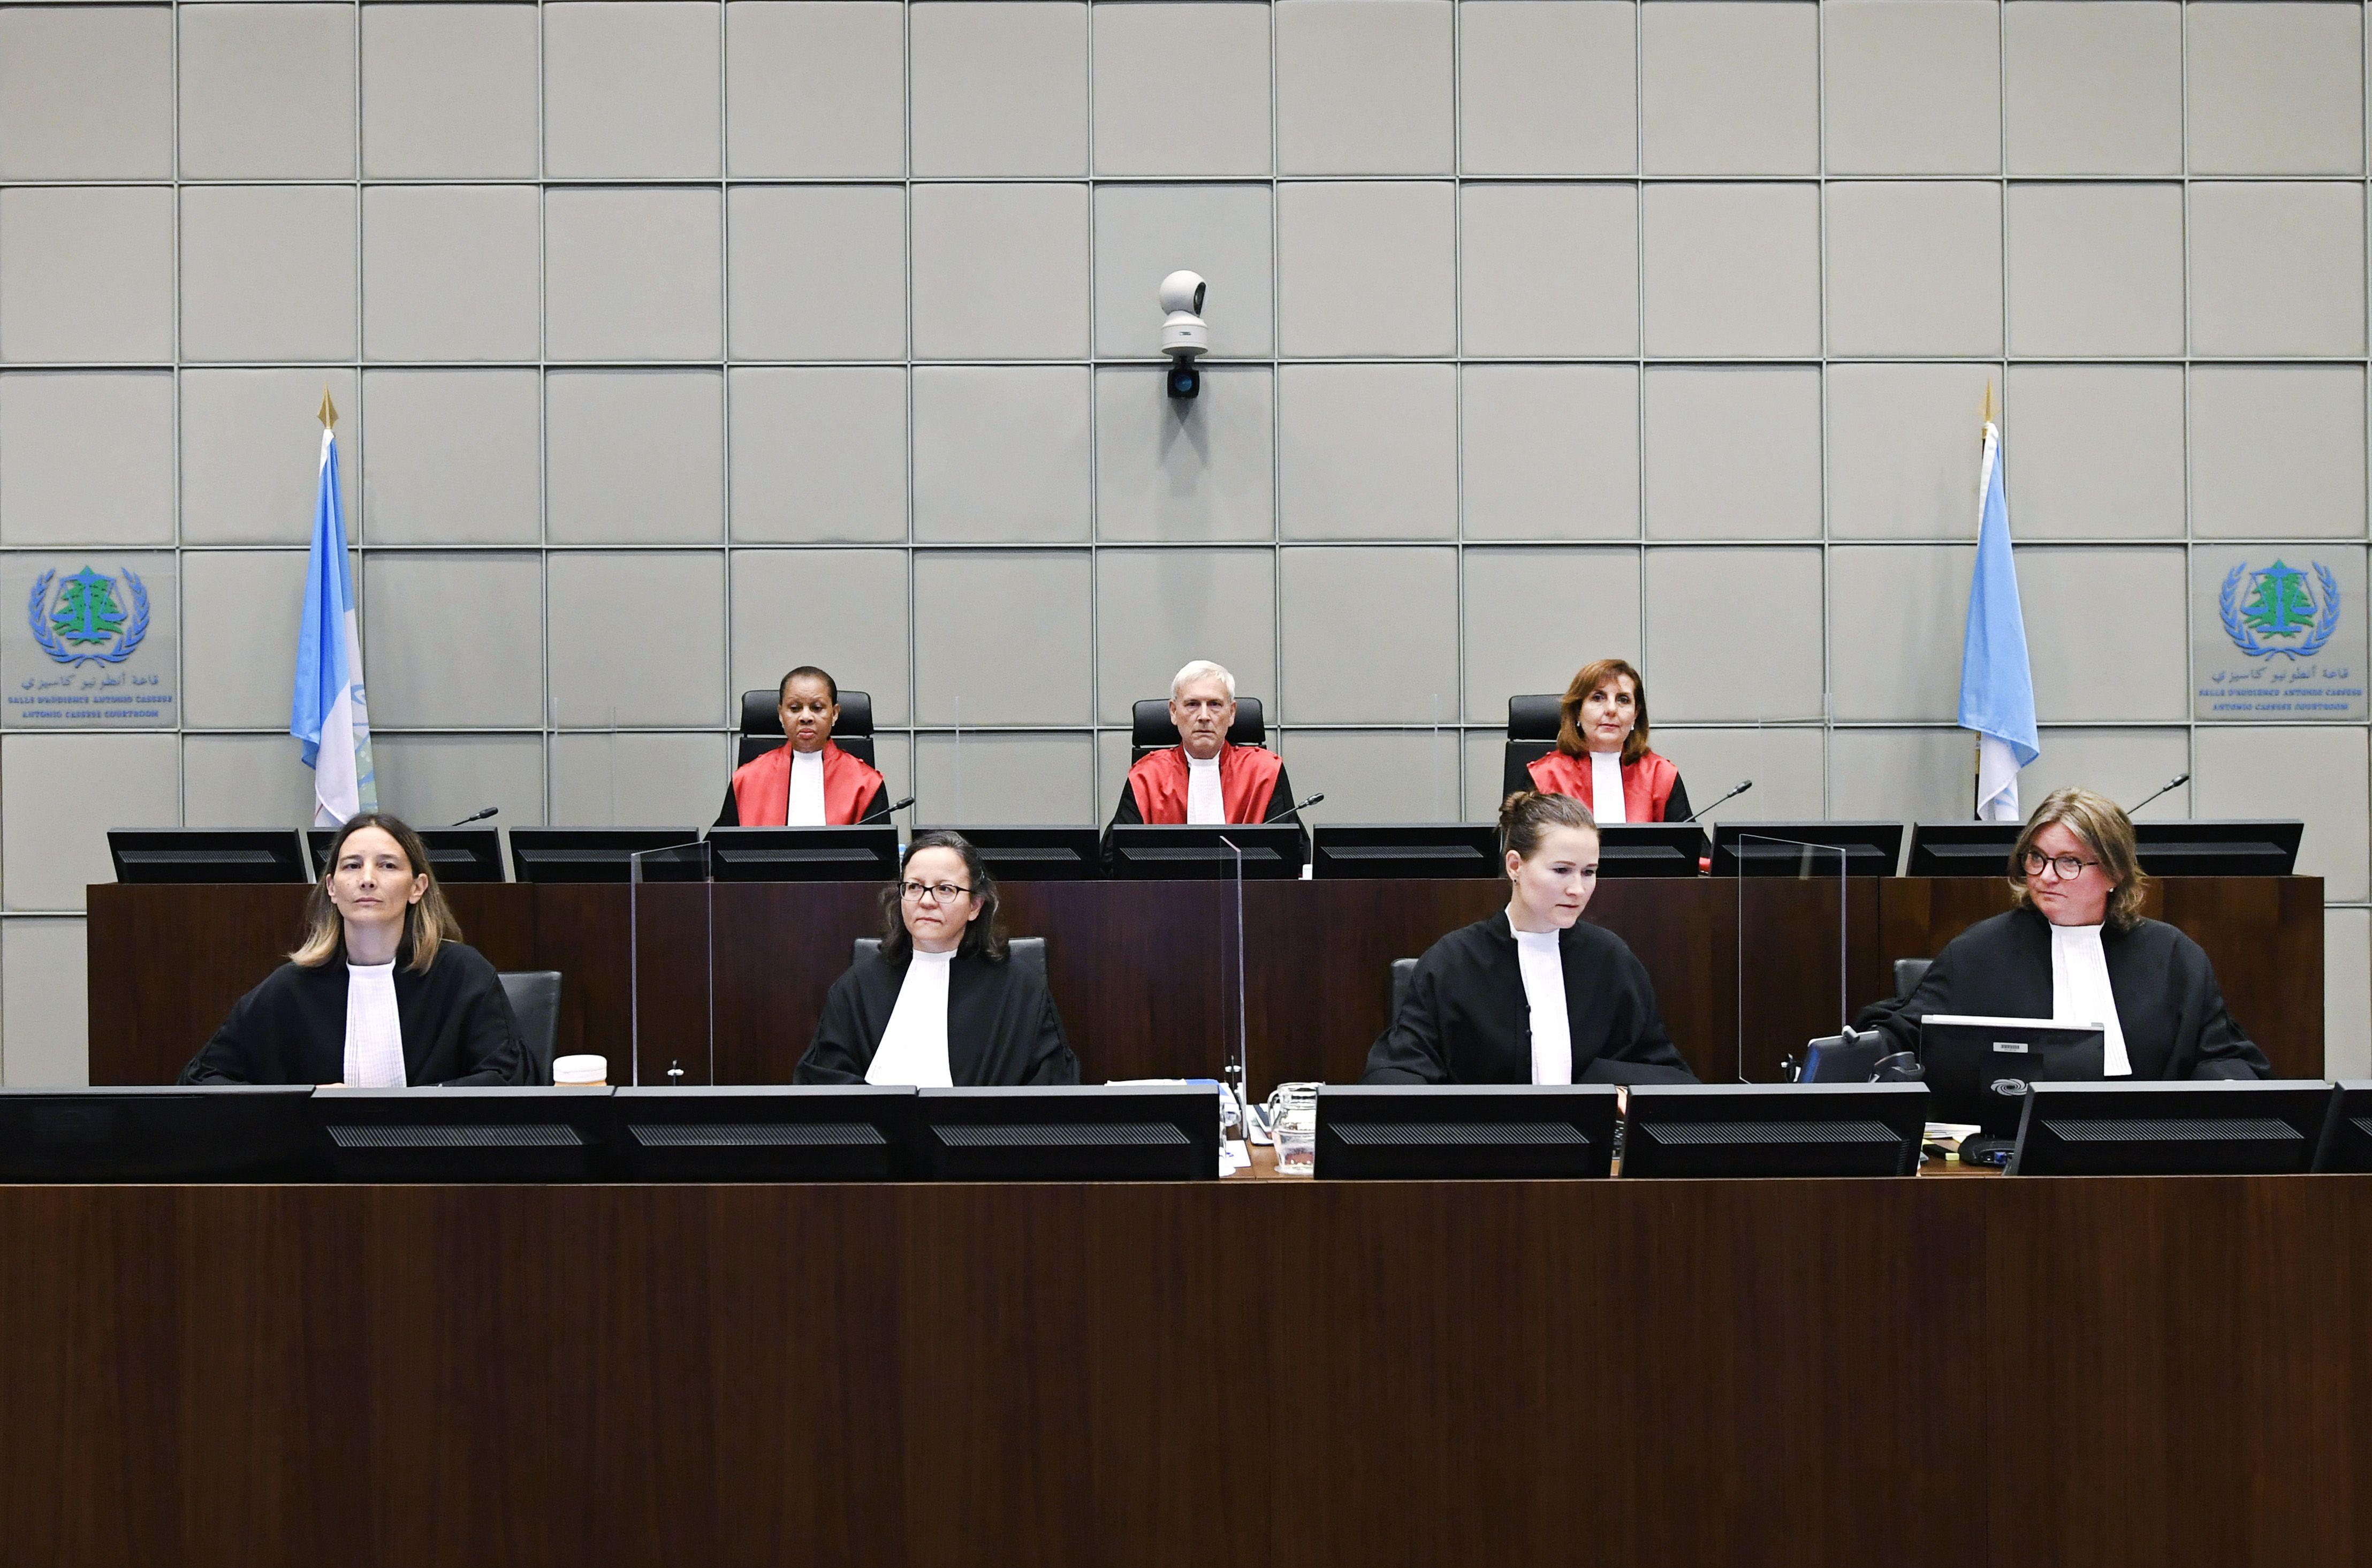 المحكمة الدولية الخاصة بلبنان هي أول مؤسسة قضائية دولية دائمة مختصة بمحاكمة الأفراد المشتبه بهم في ارتكاب جرائم إبادة جماعية